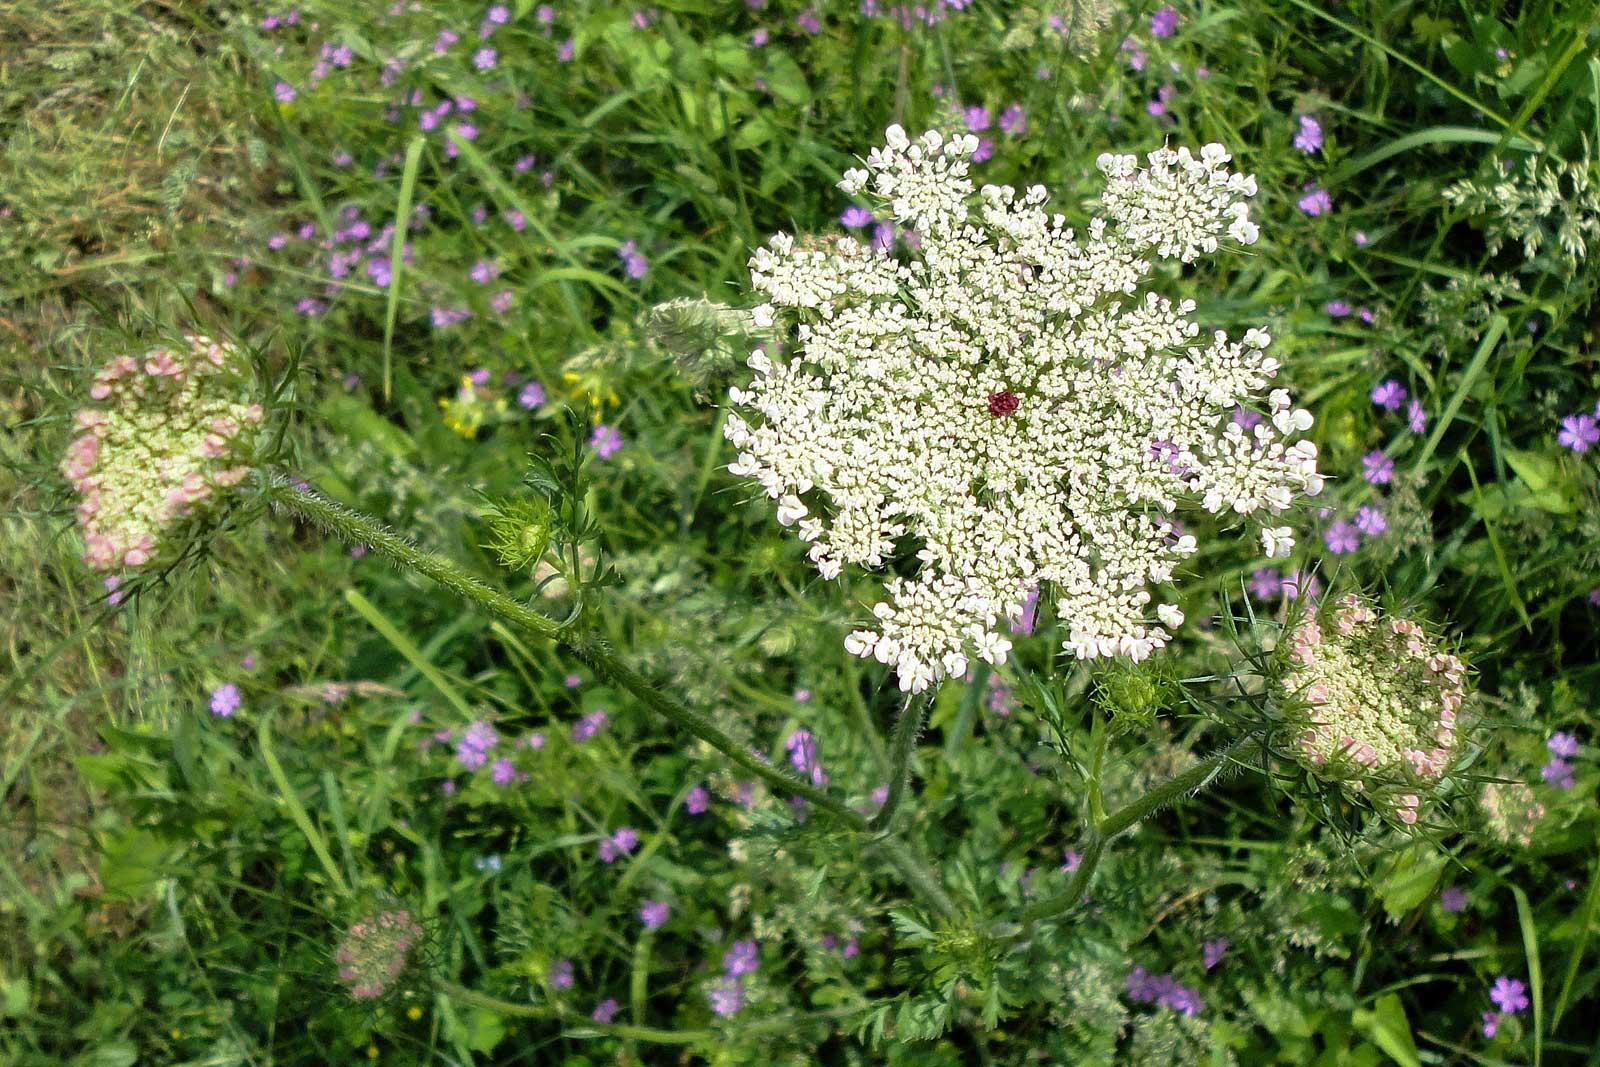 Dalmatinska mišancija - koje biljke brati i kako pripremati? Divlja mrkva